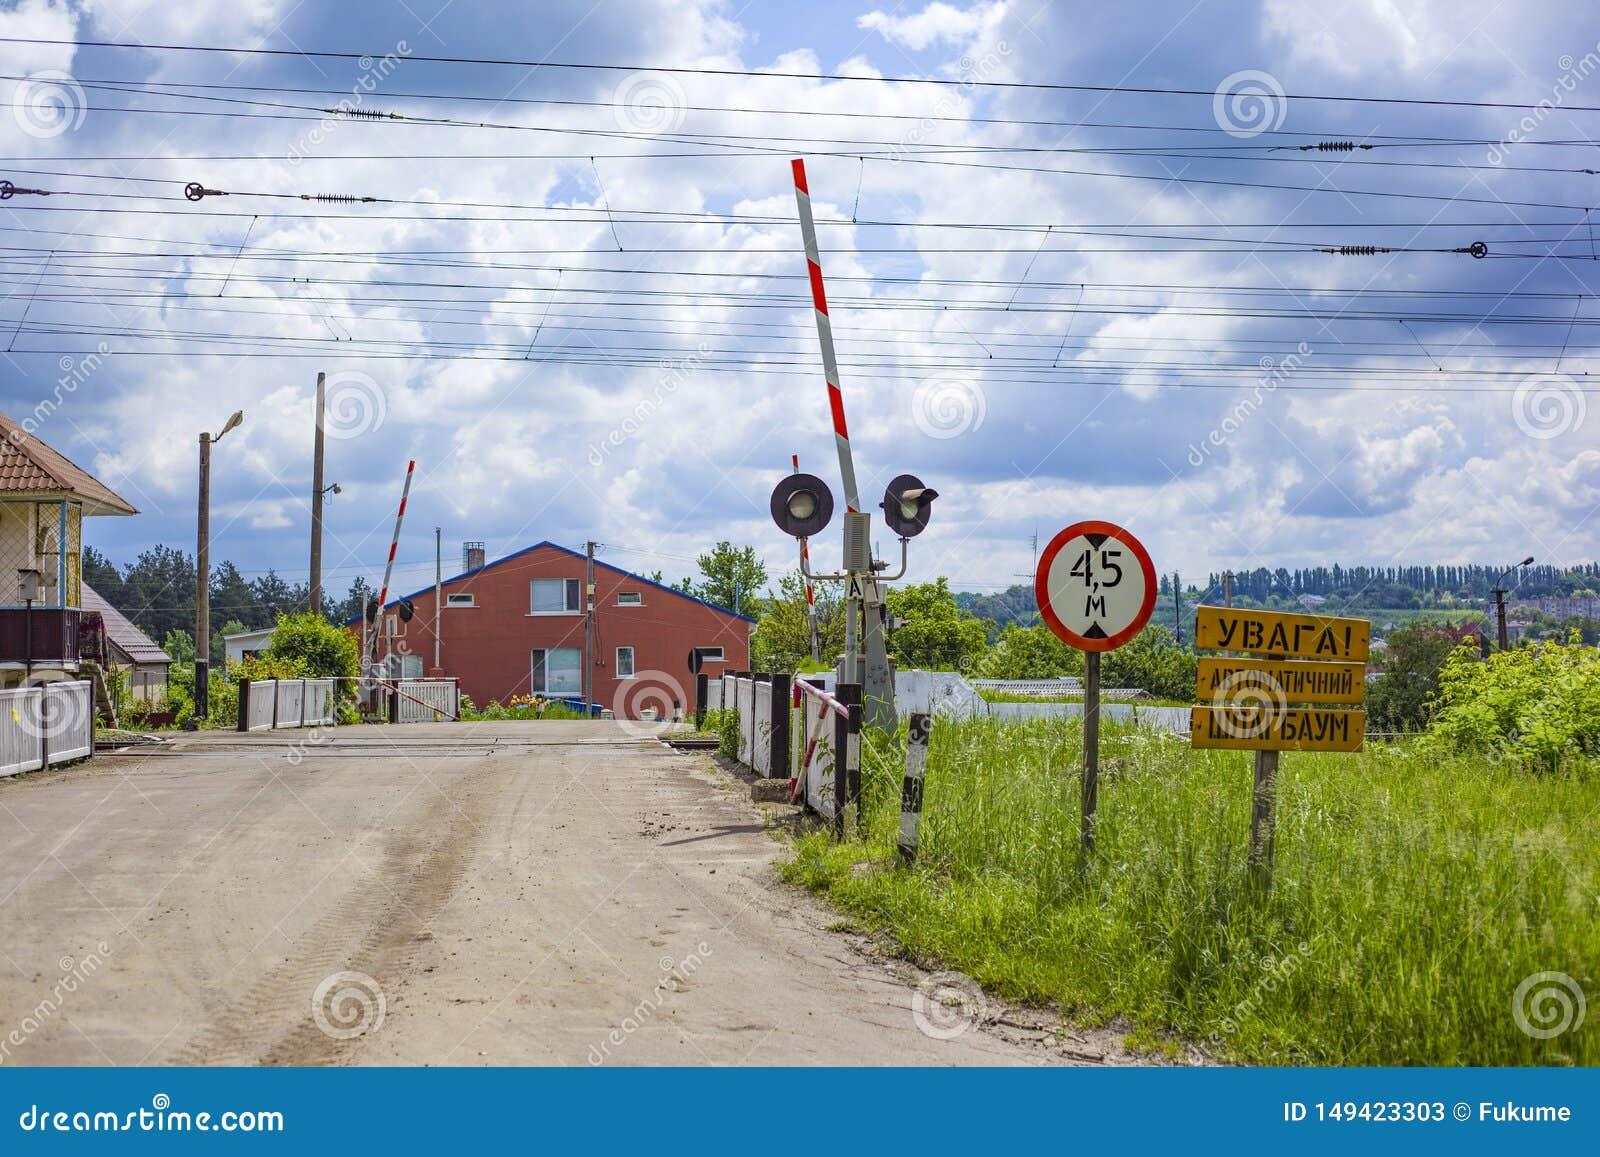 Barrière ferroviaire ouverte avec des panneaux routiers dans un petit village en Ukraine